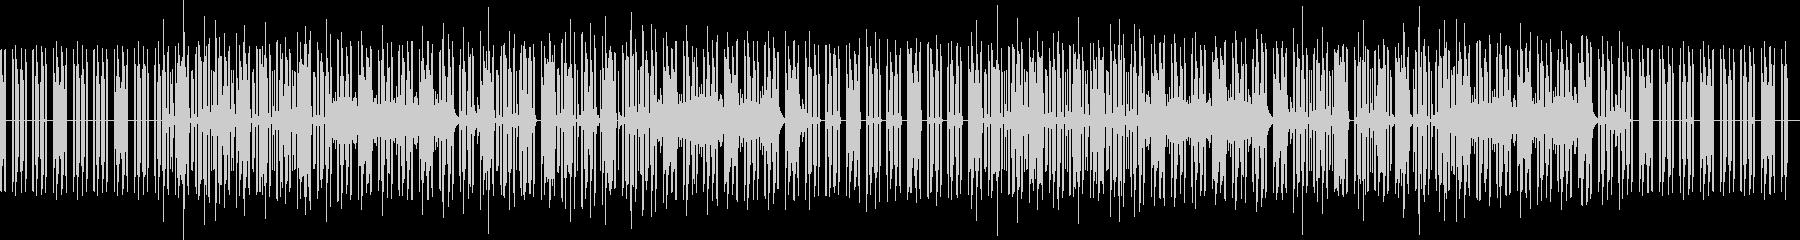 どうぶつのゲーム風な曲(ドラムなし)の未再生の波形